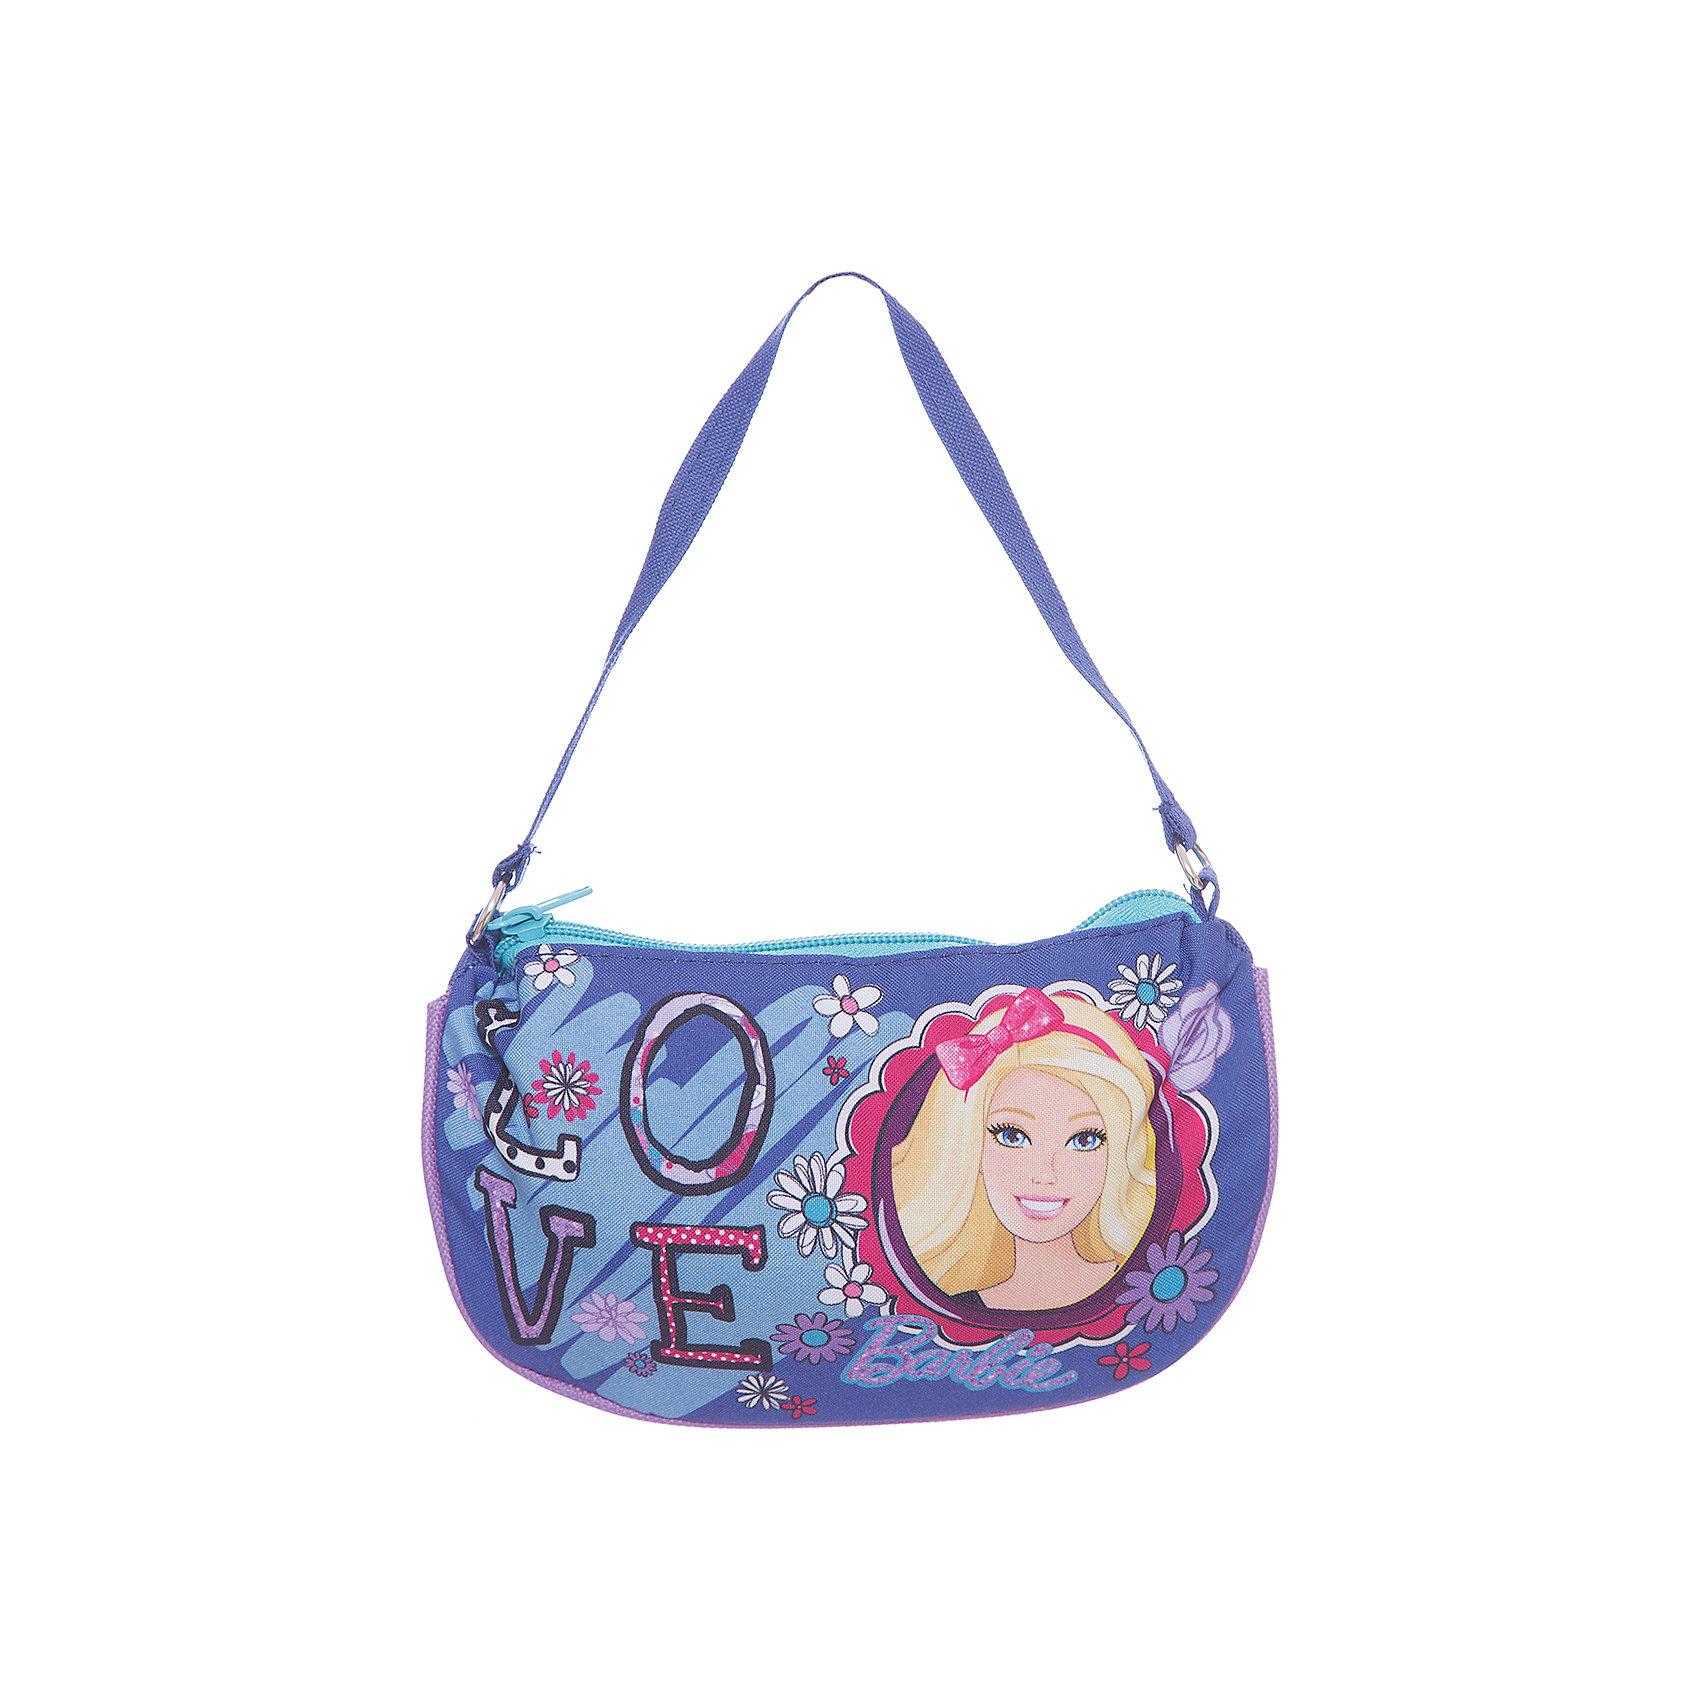 Сумка-клатч, BarbieДетская сумочка-клатч - это одновременно стильная и удобная вещь. Она компактна и не занимает много места, в ней можно разместить все самые необходимые вещи. Сумочка закрывается на молнию и снабжена текстильной ручкой.<br><br>Дополнительная информация:<br><br>Одно отделение на молнии.<br>Размер 12,5 х 20 х 1 см.<br><br>Сумку-клатч Barbie (Барби) 12,5*20*1 см можно купить в нашем магазине.<br><br>Ширина мм: 125<br>Глубина мм: 200<br>Высота мм: 10<br>Вес г: 40<br>Возраст от месяцев: 96<br>Возраст до месяцев: 108<br>Пол: Женский<br>Возраст: Детский<br>SKU: 4140997